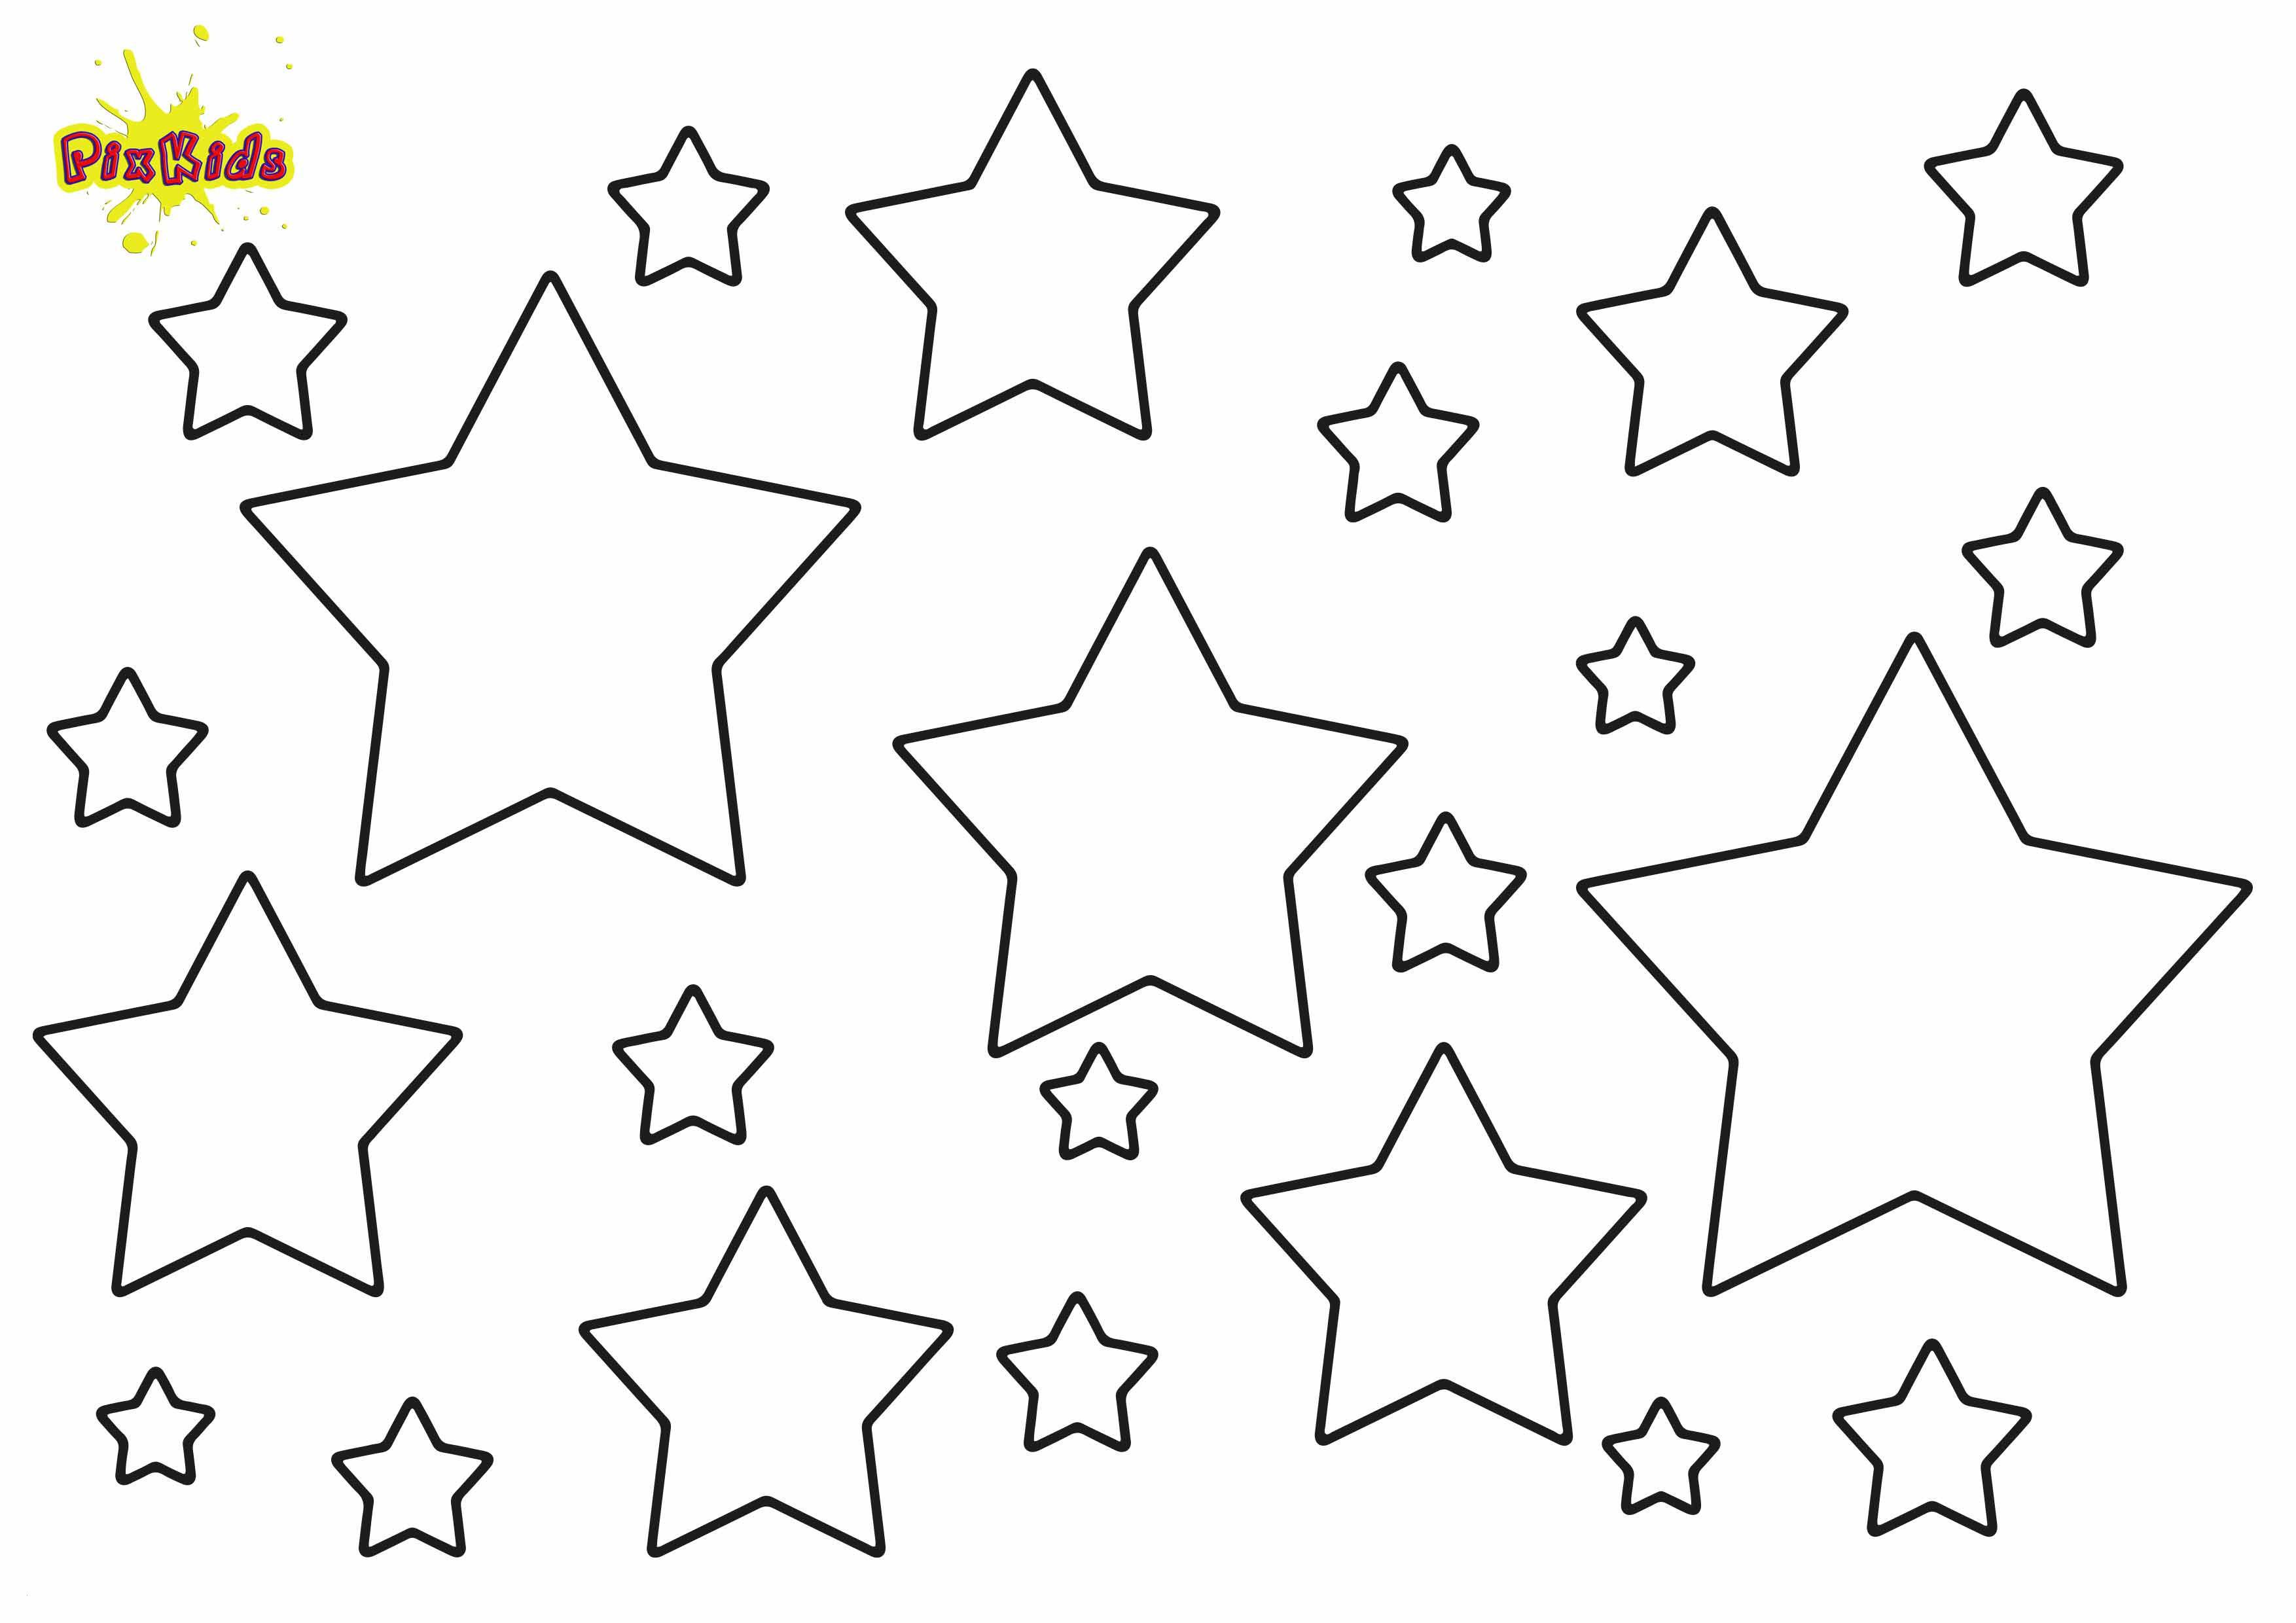 Planeten Und Sterne Ausmalbilder Einzigartig Sterne Ausmalbilder Lovely 35 Ausmalbilder Filly Scoredatscore Bilder